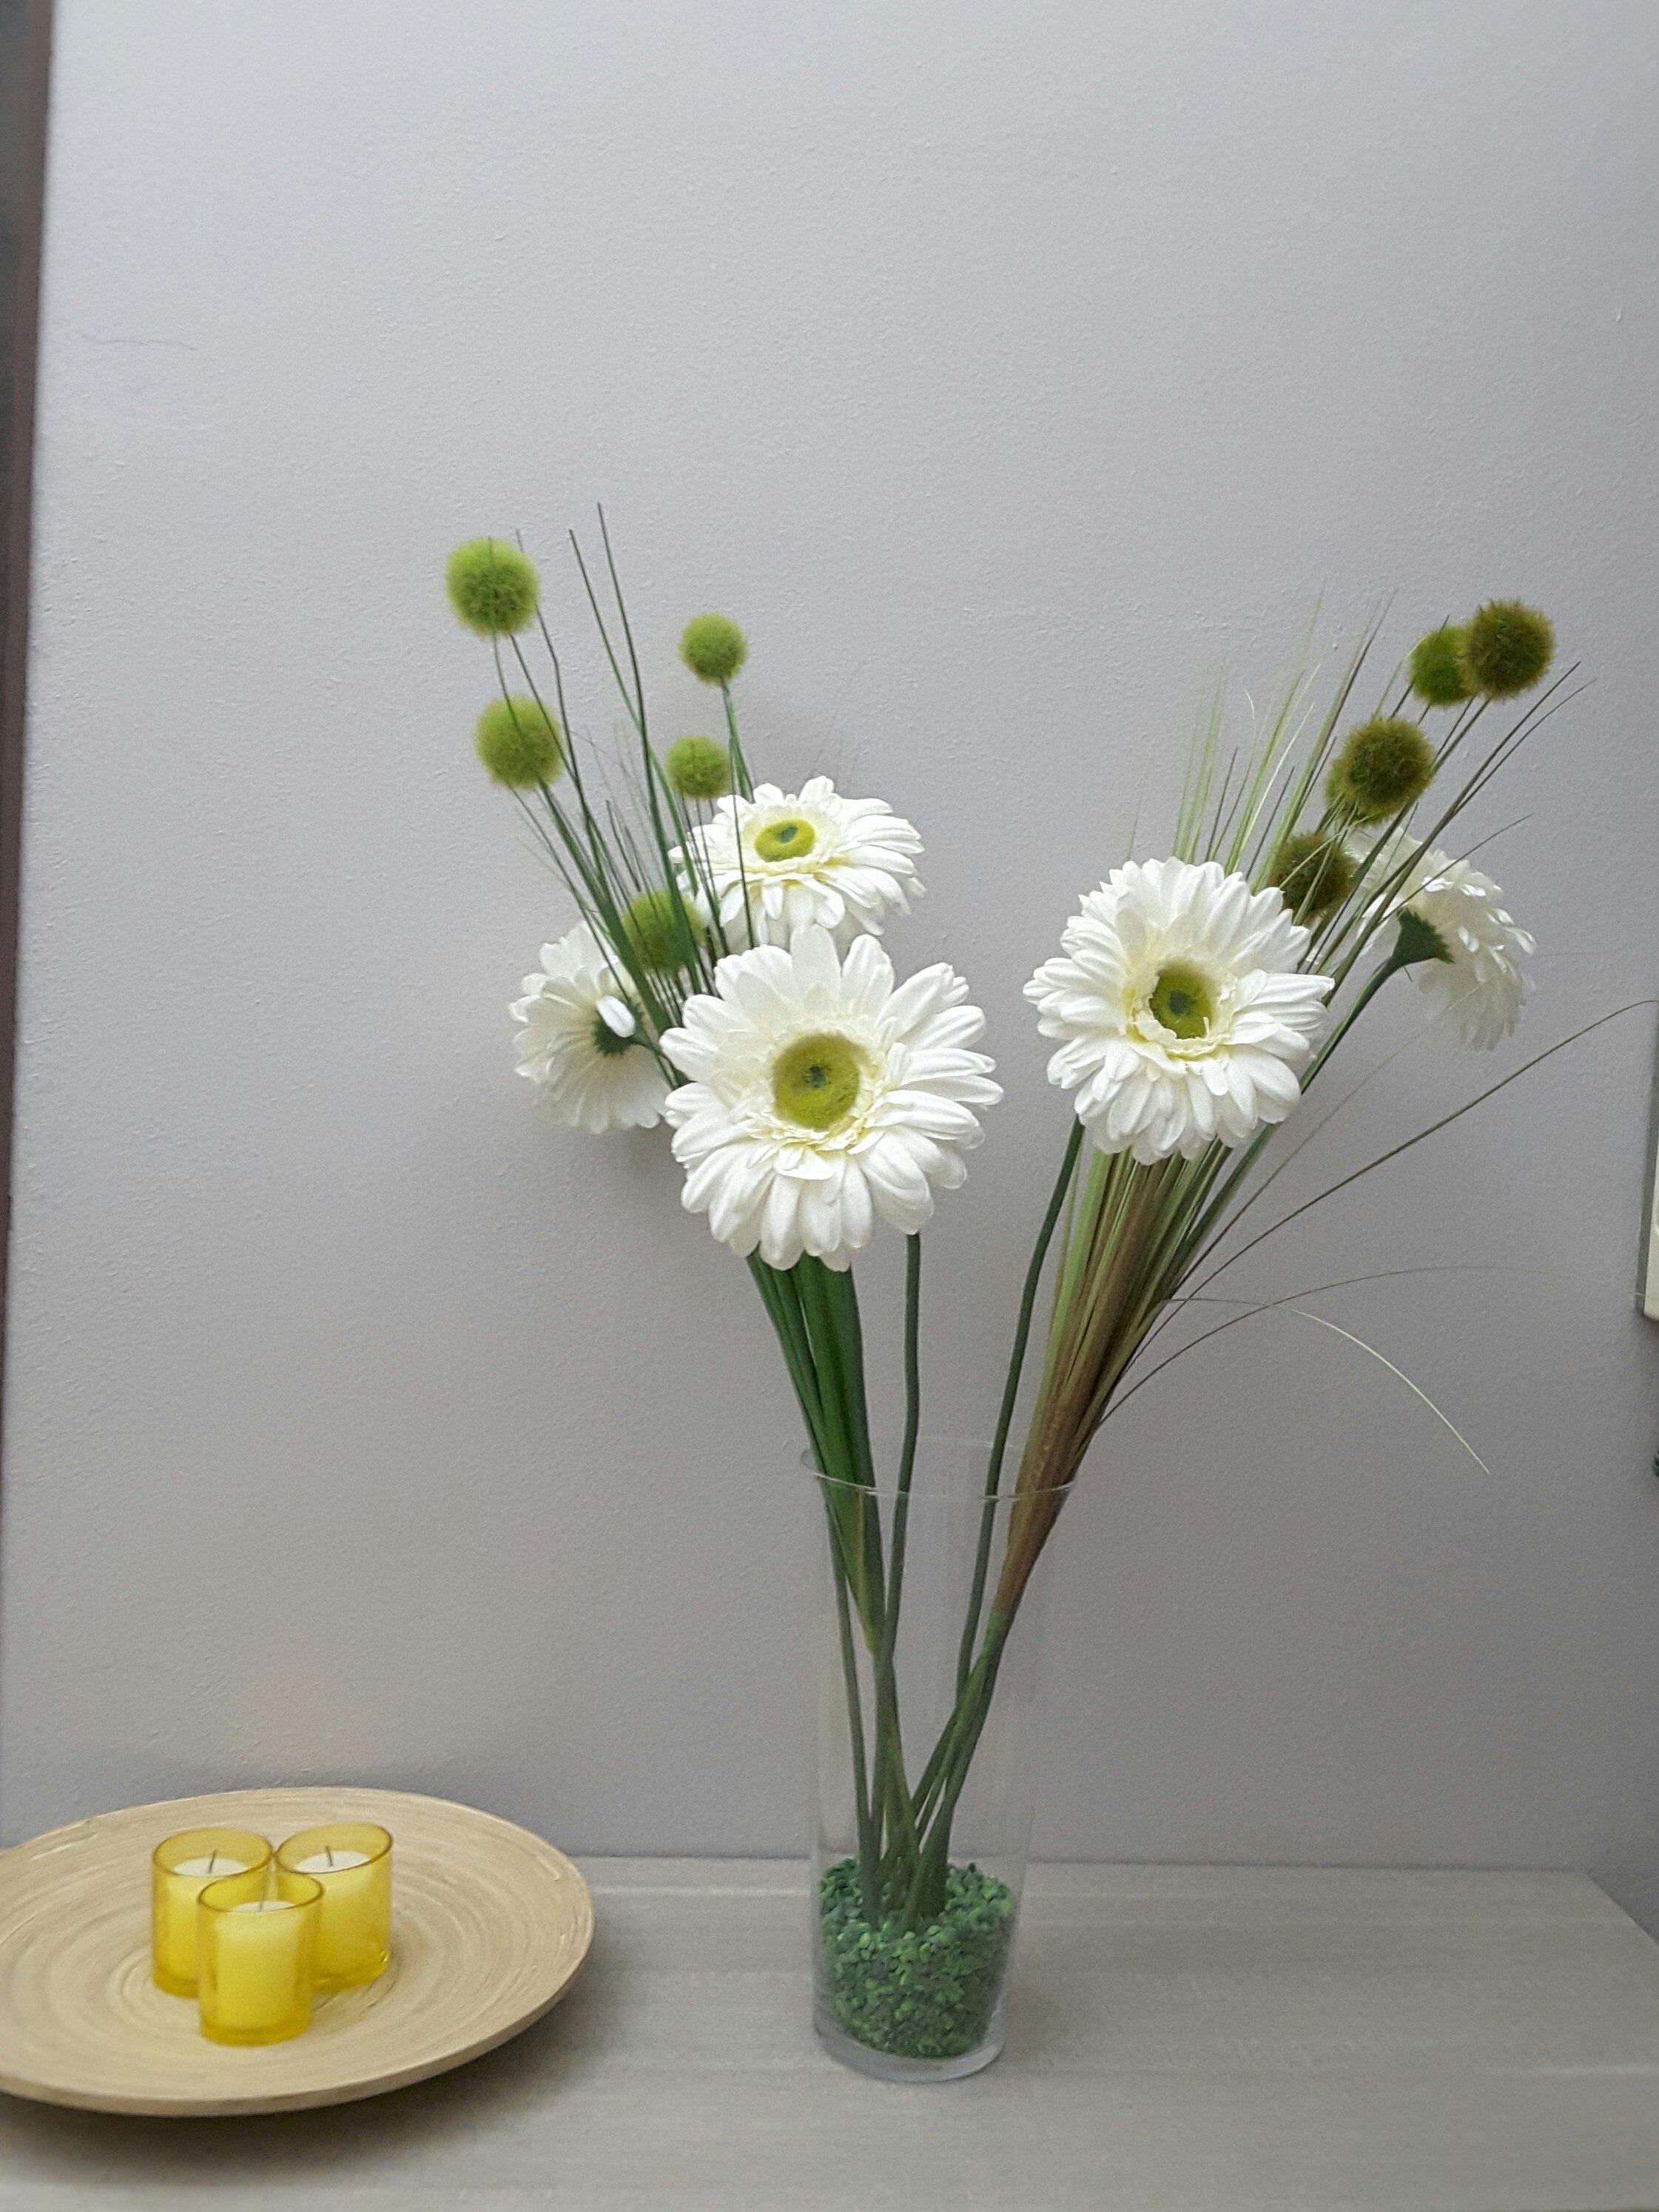 fiori bianchi in un vaso in vetro